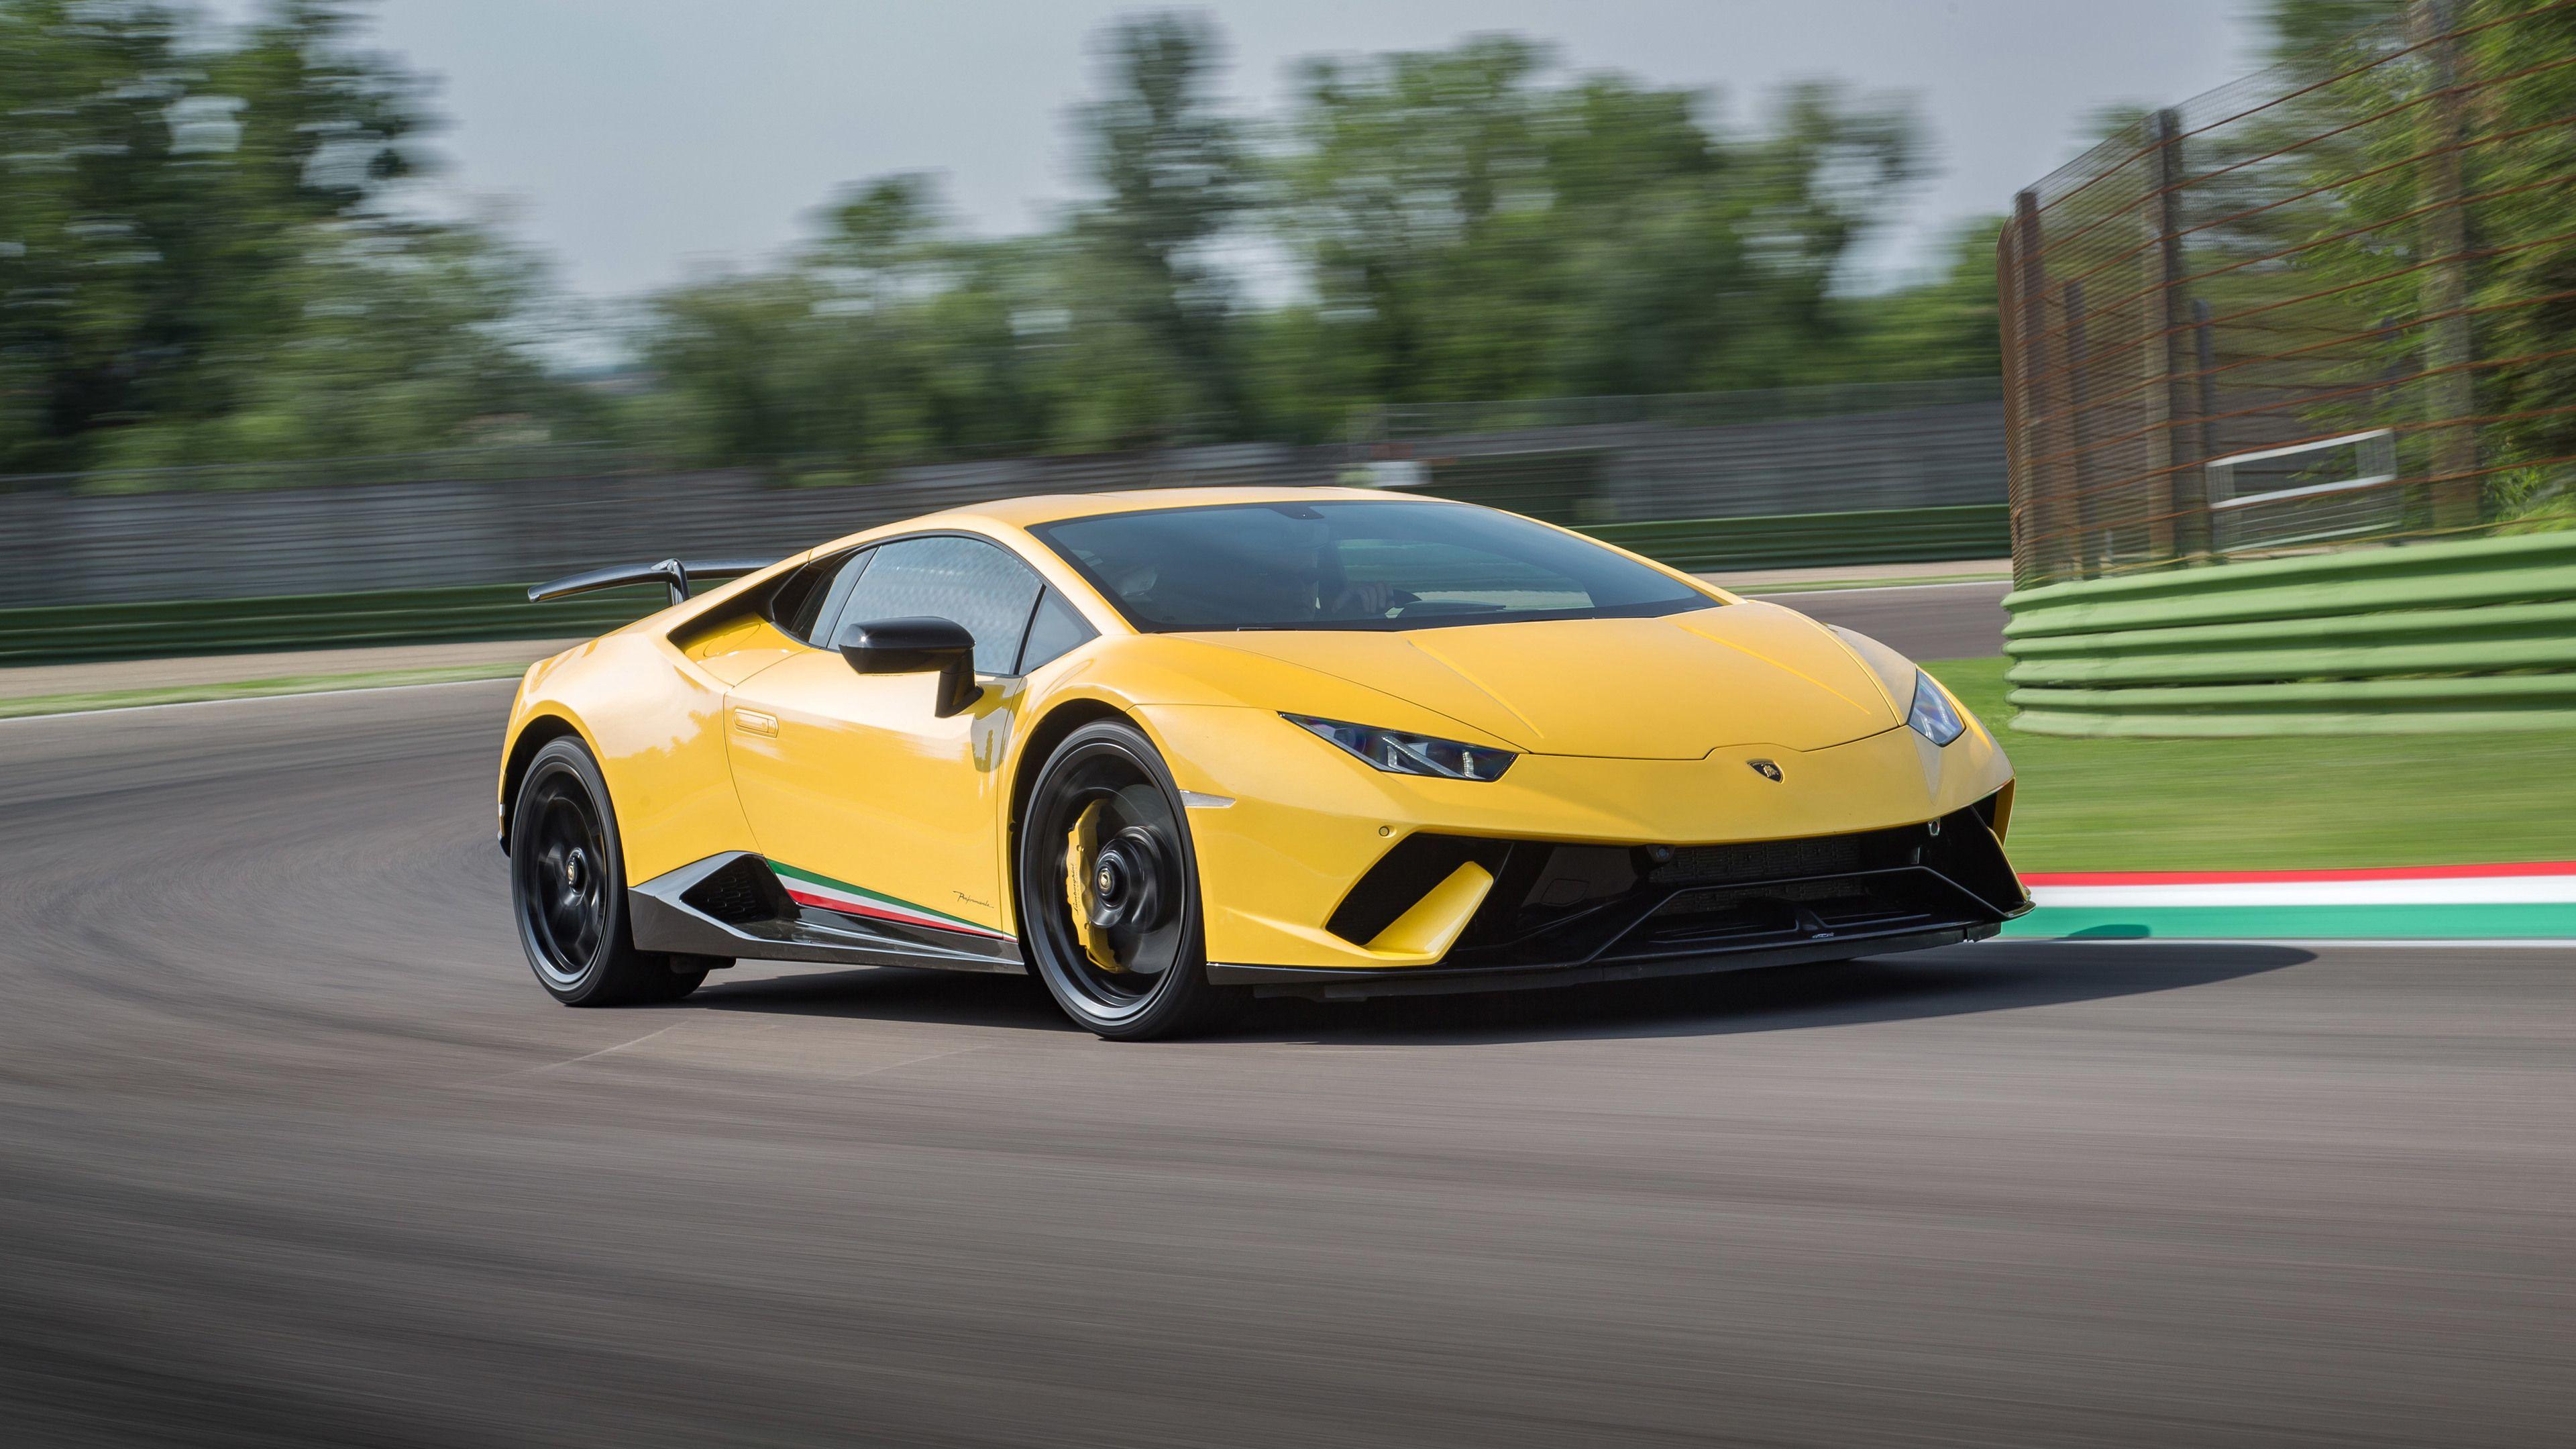 2018 Lamborghini Huracan Performante Lamborghini Wallpapers Lamborghini Huracan Wallpapers Lamborghini Huracan Car Wallpapers Lamborghini Huracan Lamborghini